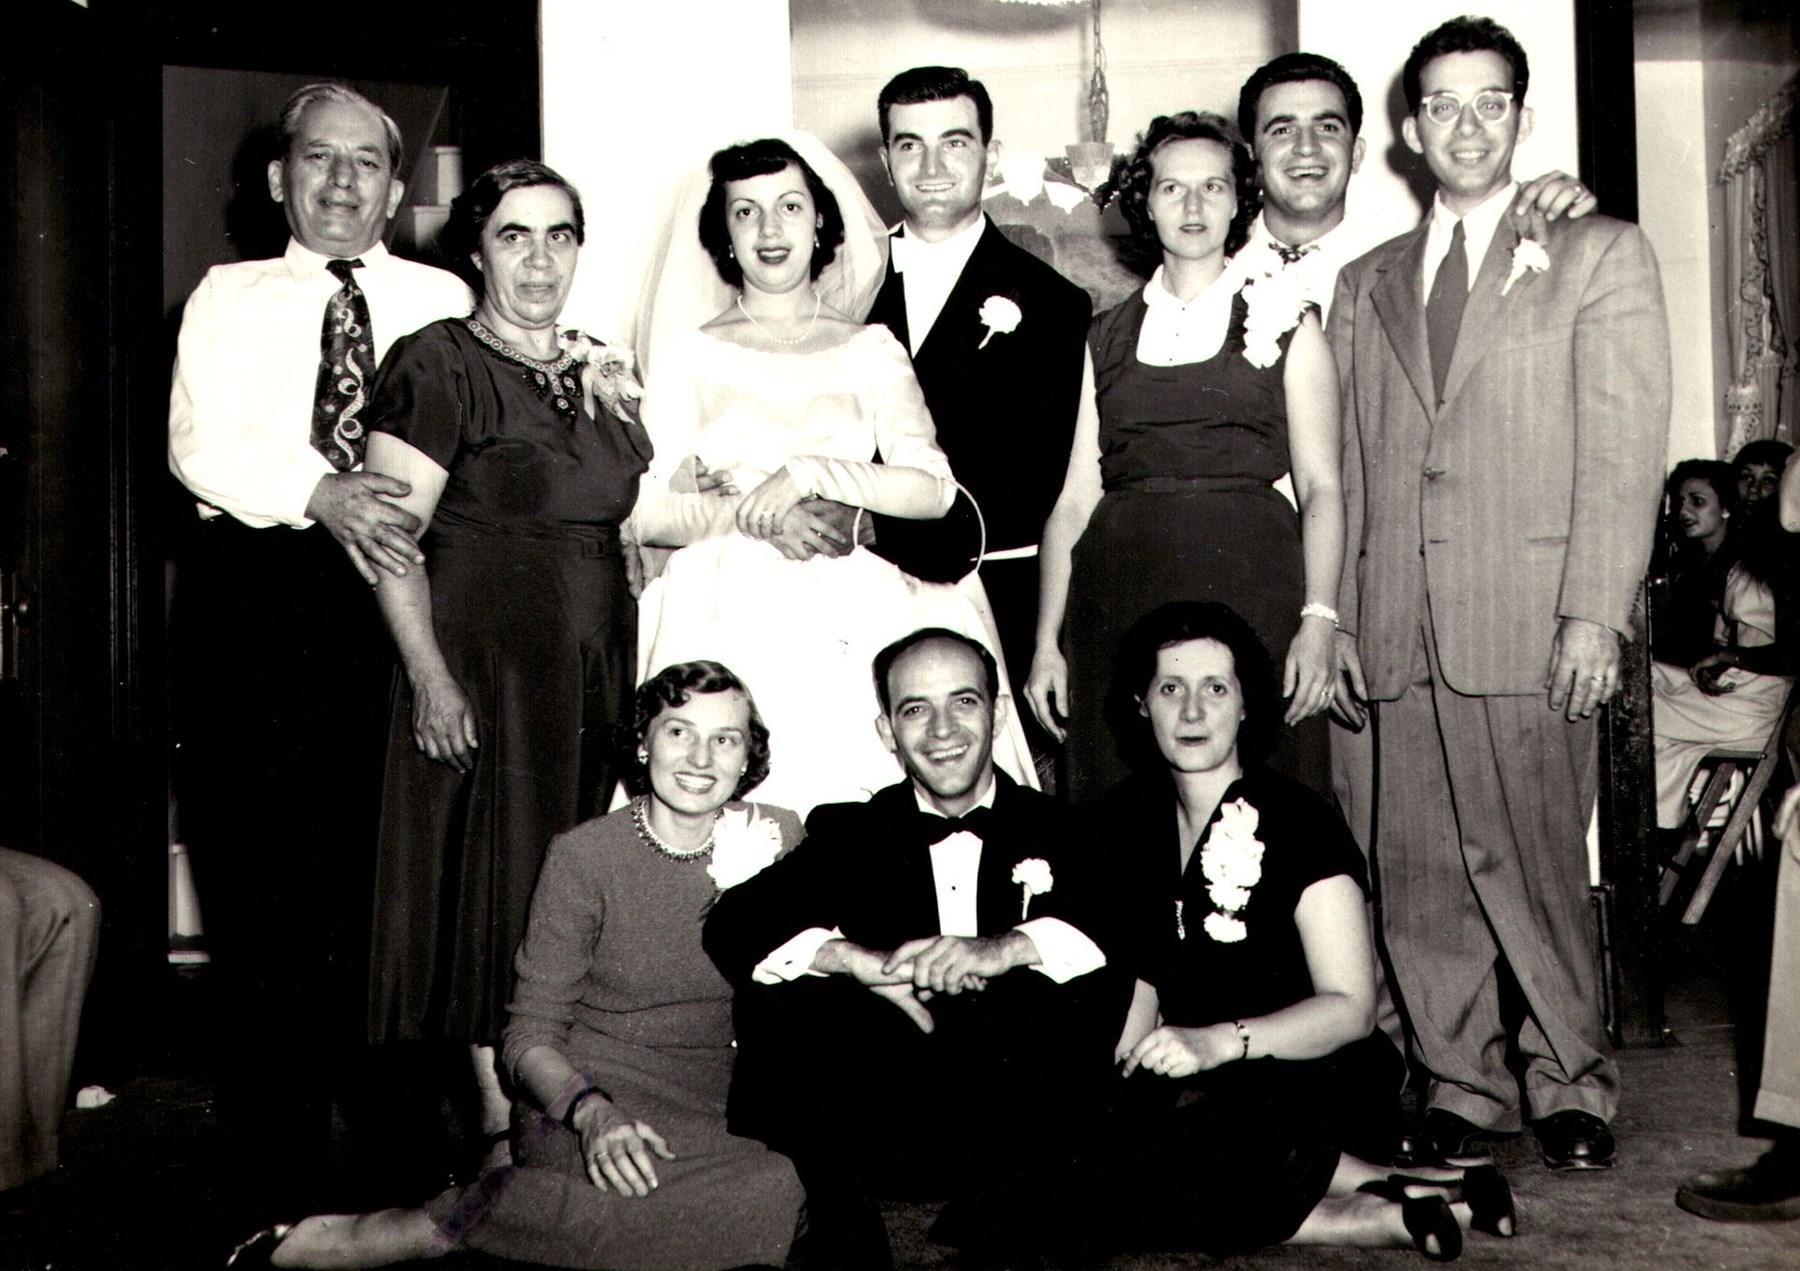 """Top Row L-R: William Karr, Angeline (Chardoulias) Karr, Ann (Karr) Cardy, Frank Cardy, Alice (Johnston) Karr, Anthony """"Tony"""" Karr, James """"Jimmy"""" Karr    Seated L-R: Betty Karr, Stephen Karr, Clara (Miller) Karr. Alice was married to Tony Karr, Betty to Stephen, and Clara to Jimmy Karr."""